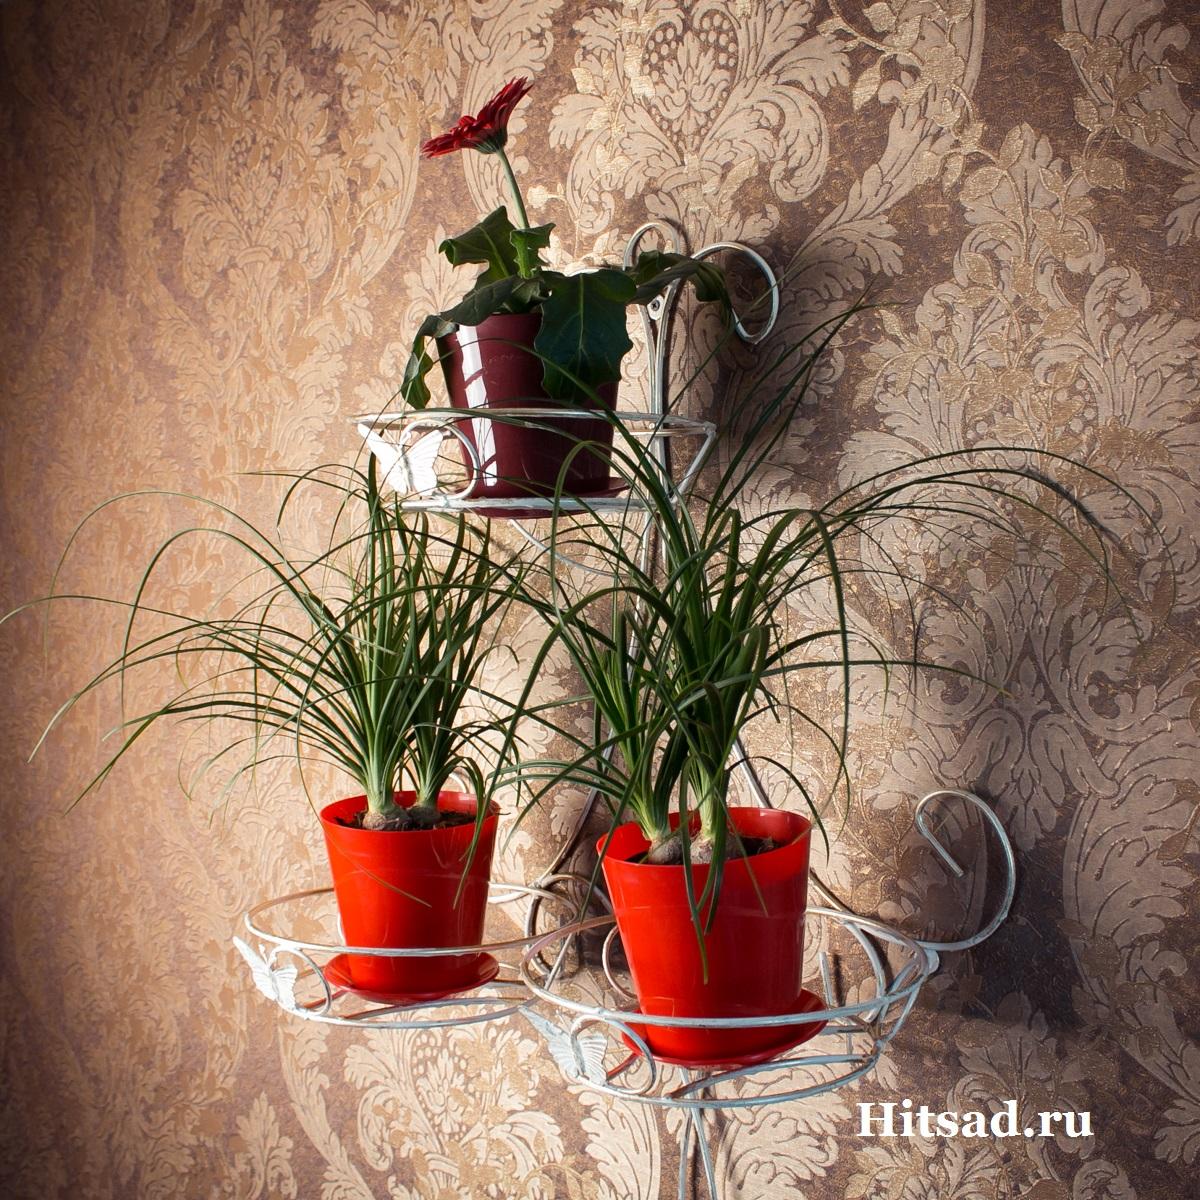 Настенный держатель для цветов доставка живые цветы оптом москва домодедово